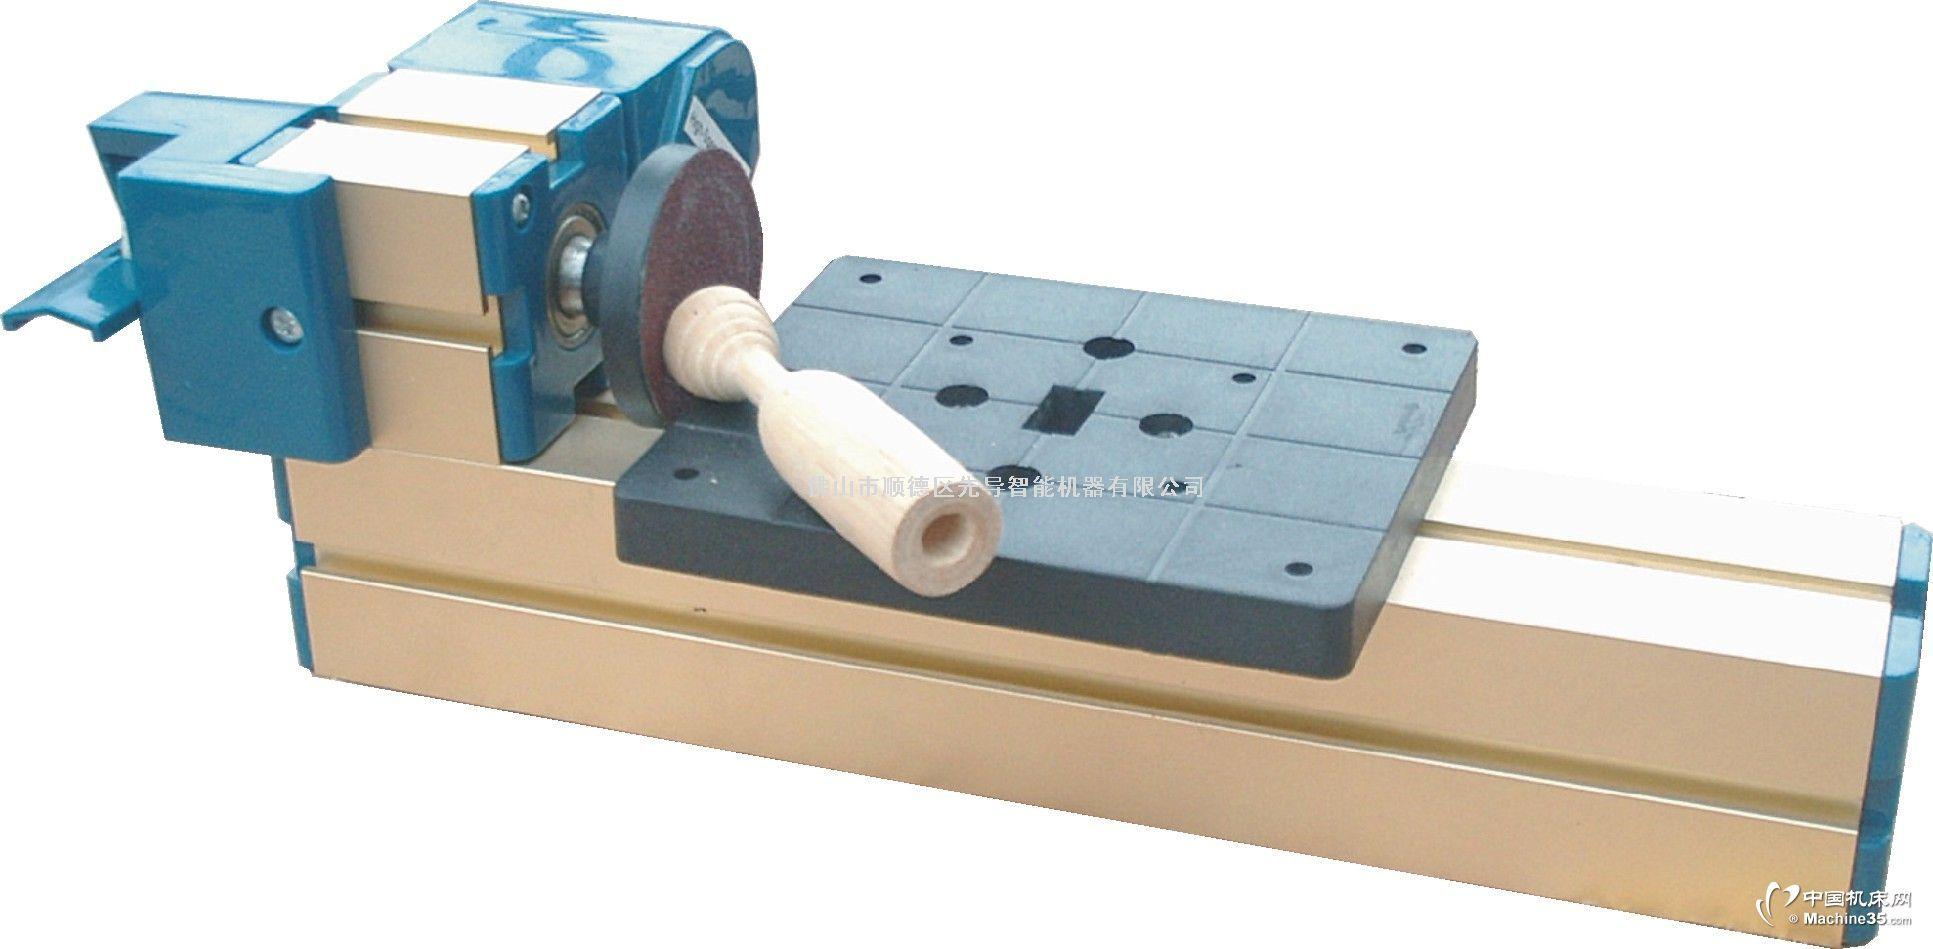 产品详细介绍产品特点:中心高25mm,砂纸粒度一般为100,可根据不同的工件及加工表明要求选择砂纸.加工时可将物件固定使用在虎钳或钻台,也可以手持进行各种角度研磨,变压器有过热保护磨床技术参数:马达转速:20000转/分钟输入电压/电流/功率:12VDC/2A/12W工作桌面积:123x100mm中心高:25mm轮盘直径:φ49包装大小:230×200×315mm重量:2.